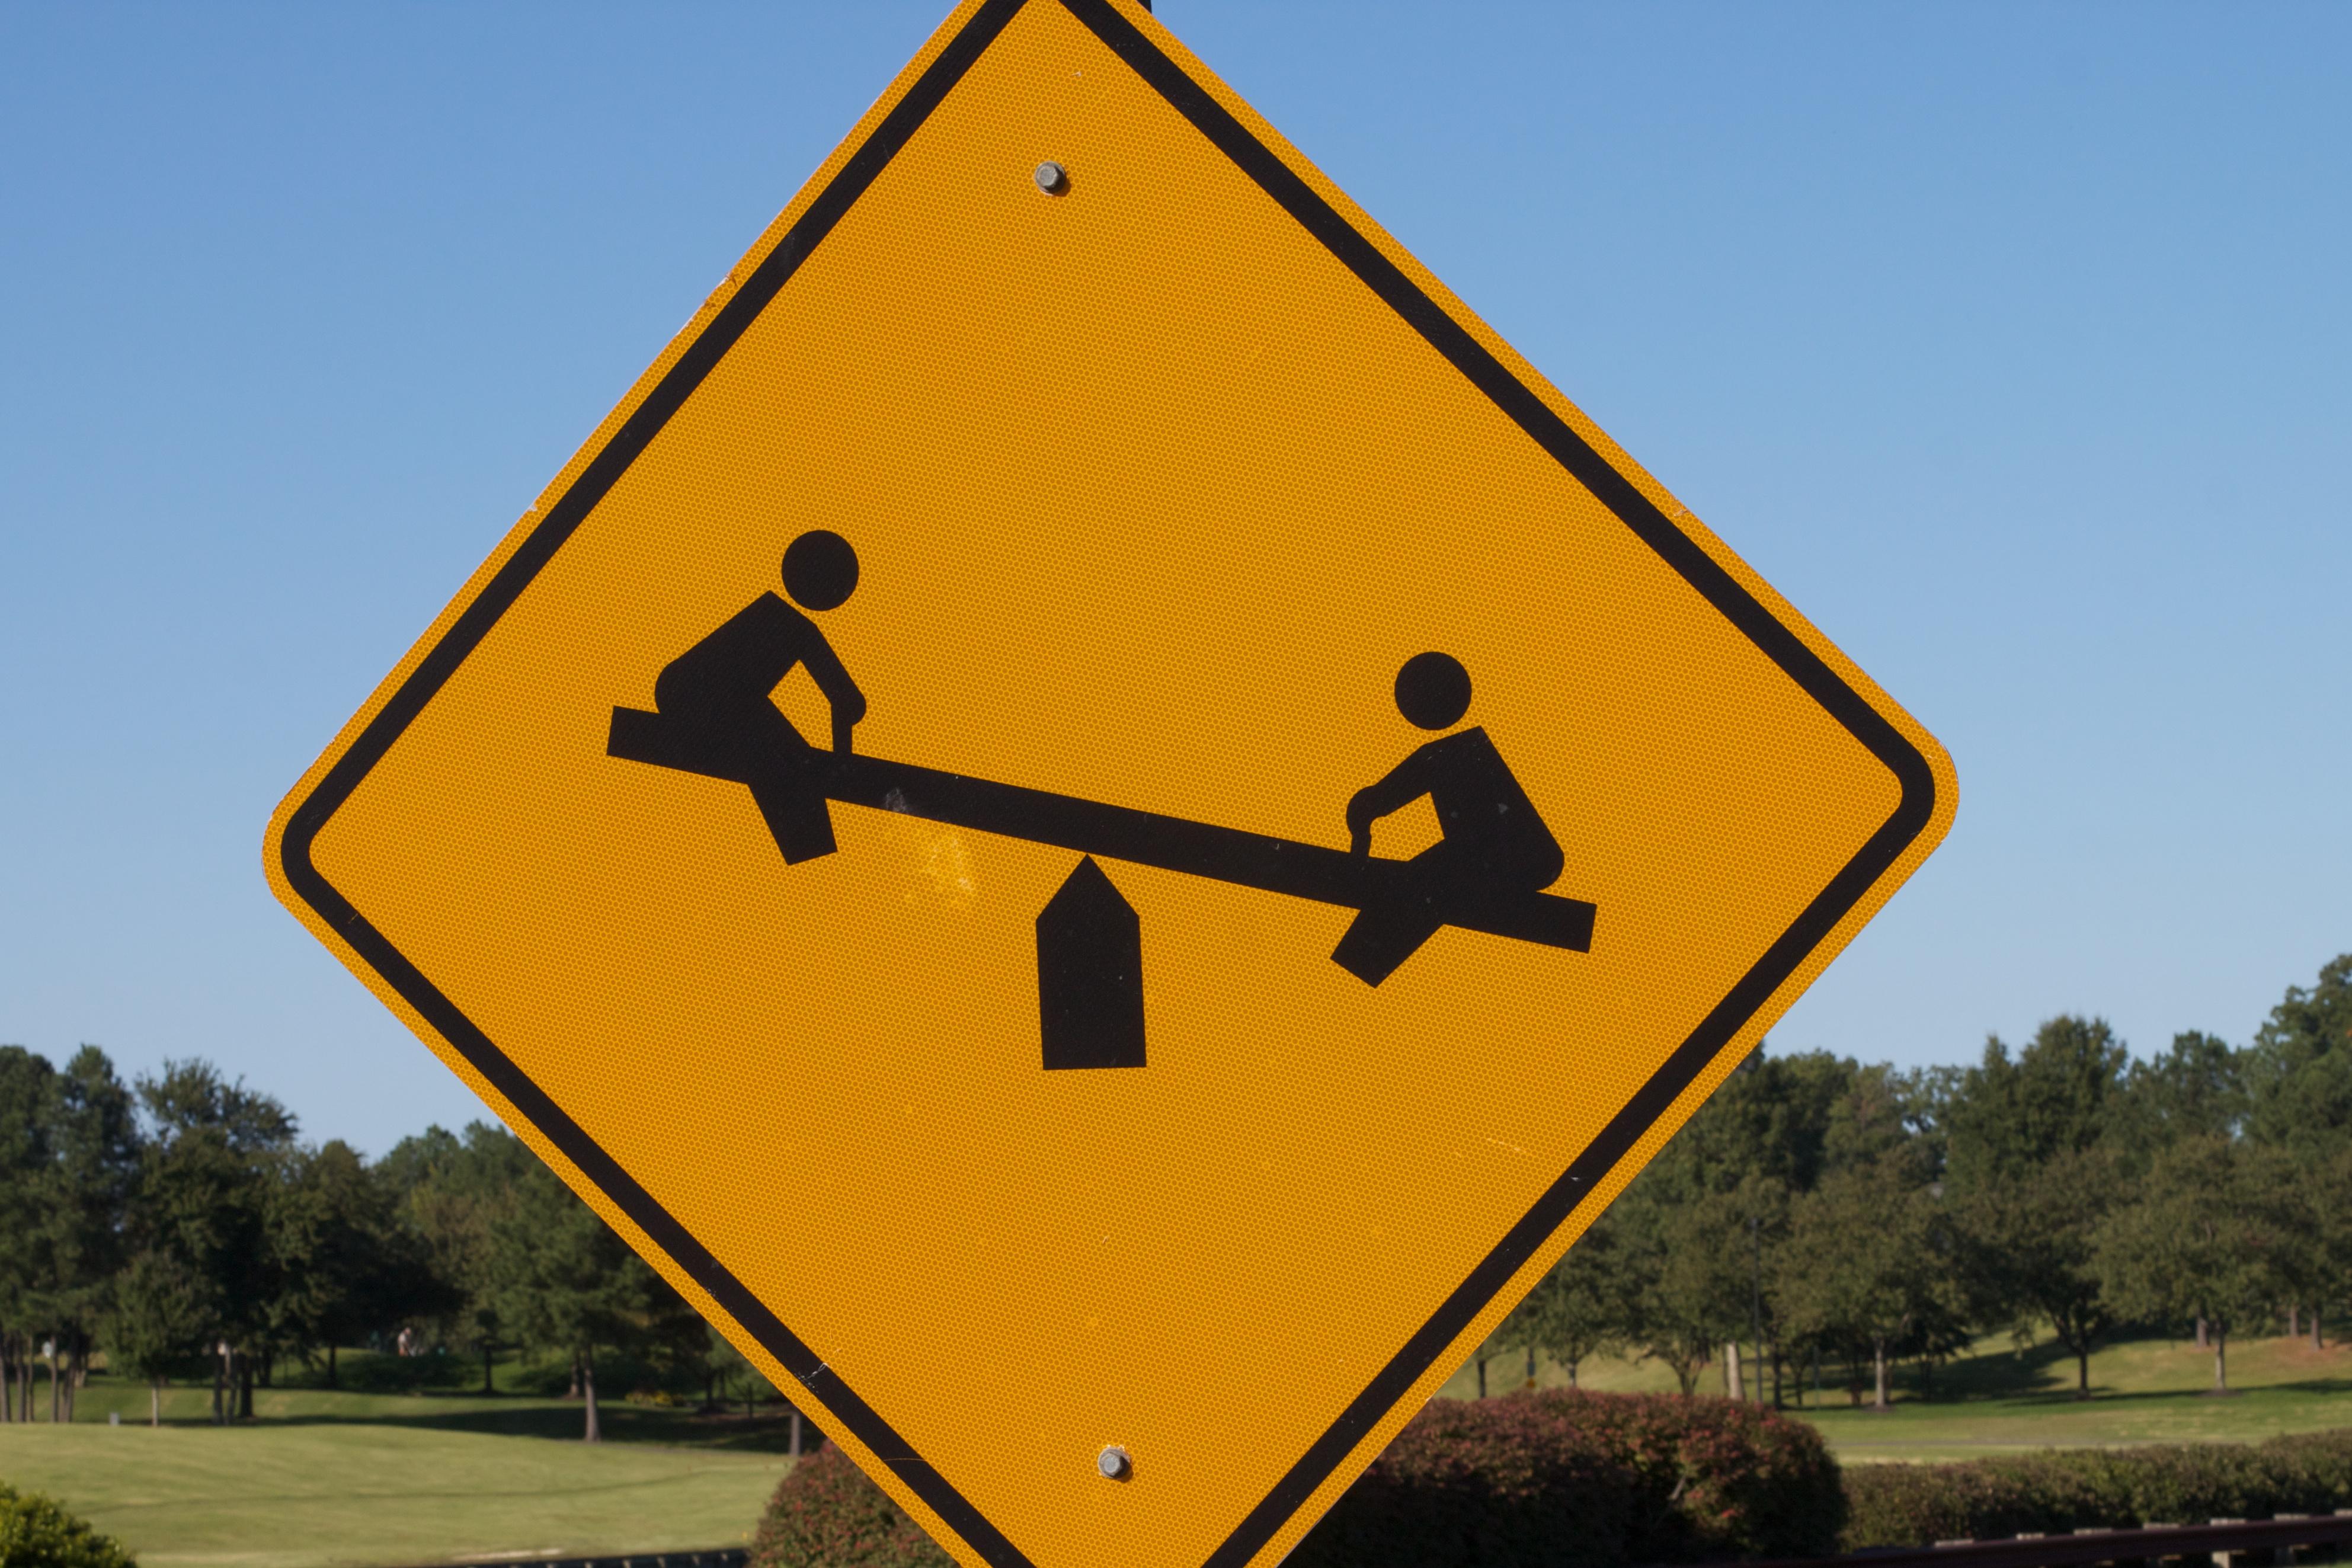 Дорога и дорожные знаки в картинке